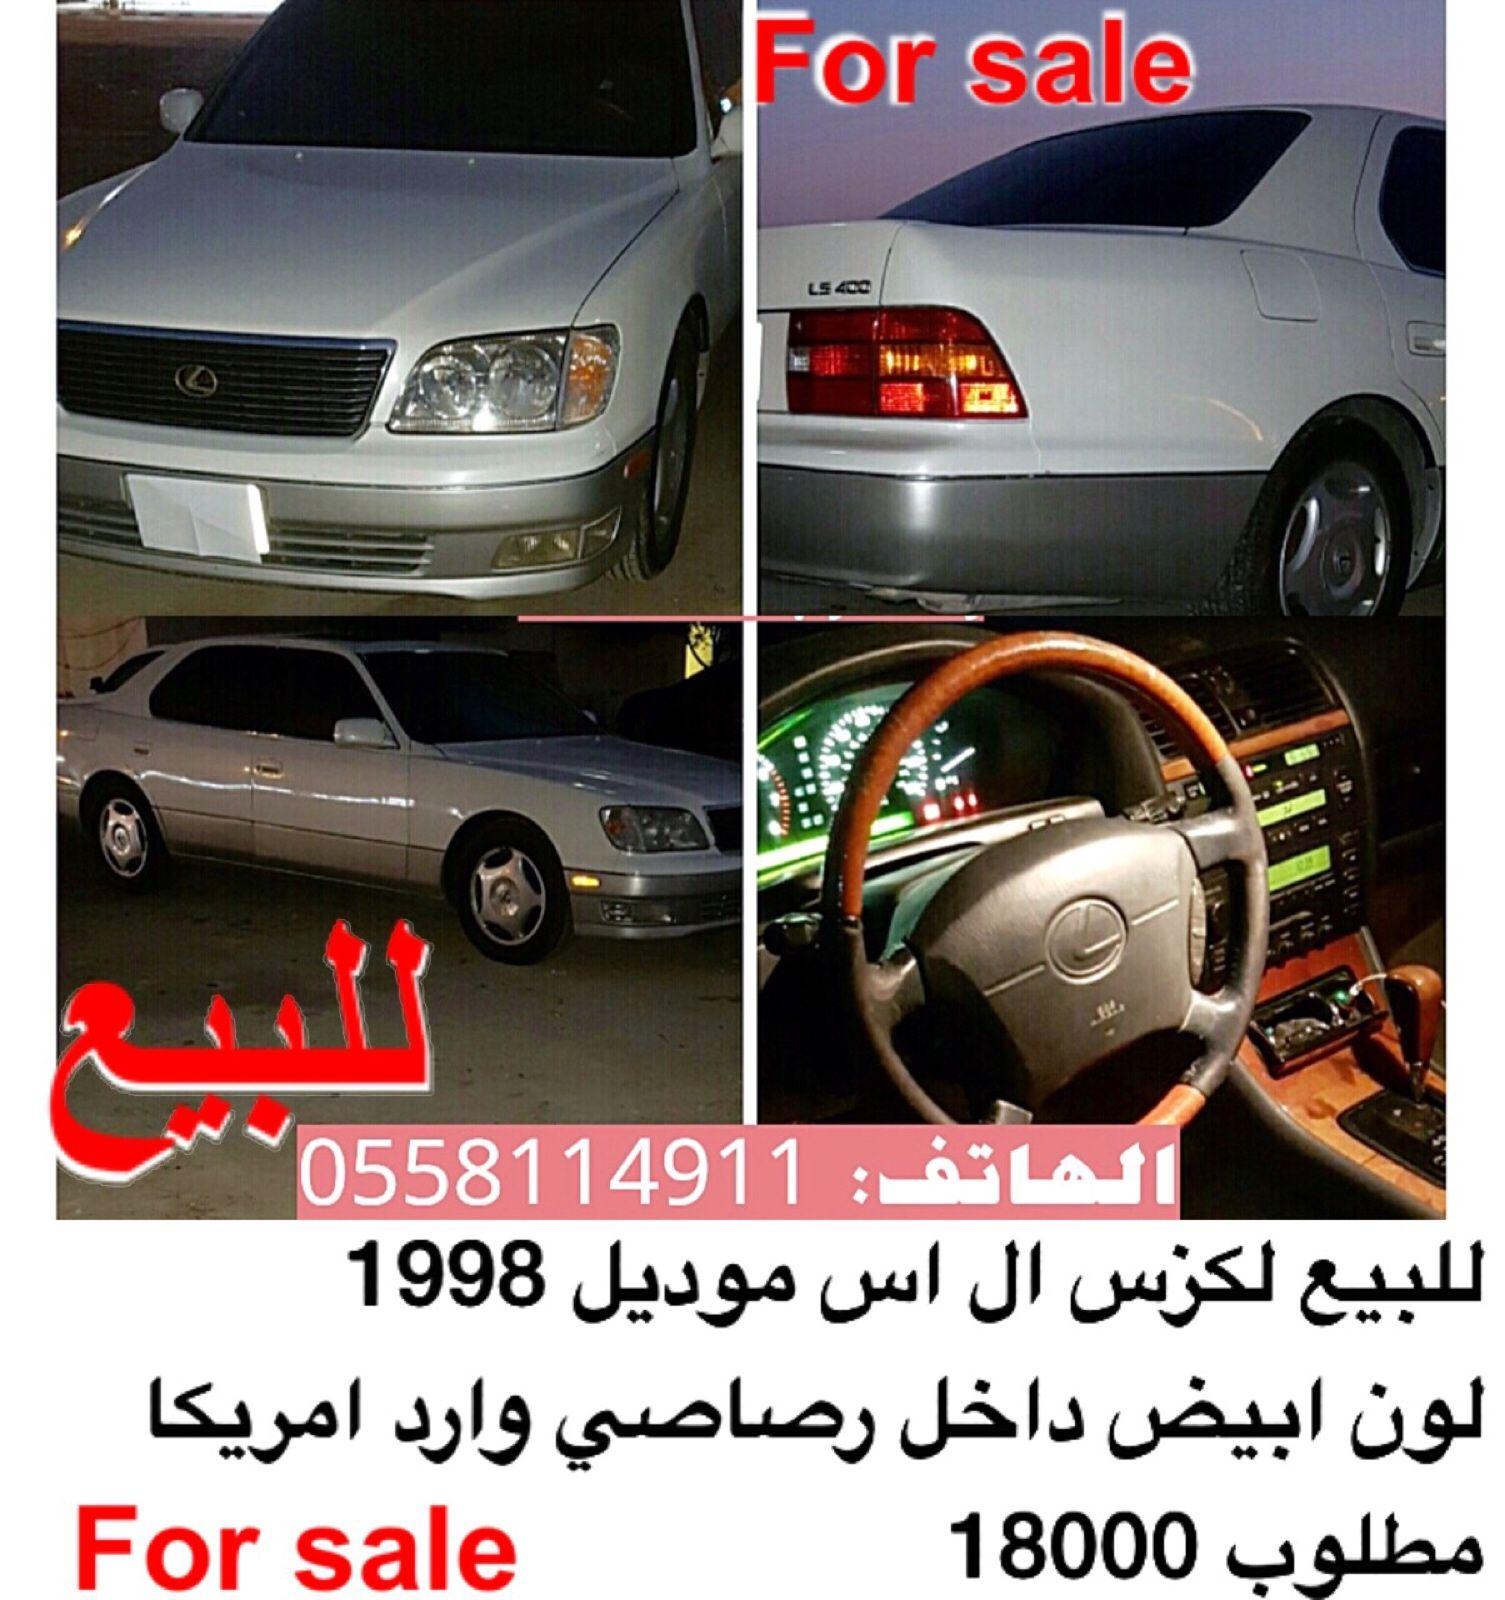 Pin By سيارات للبيع في السعودية حراج On حراج السيارات In 2020 Suv Car Steering Wheel